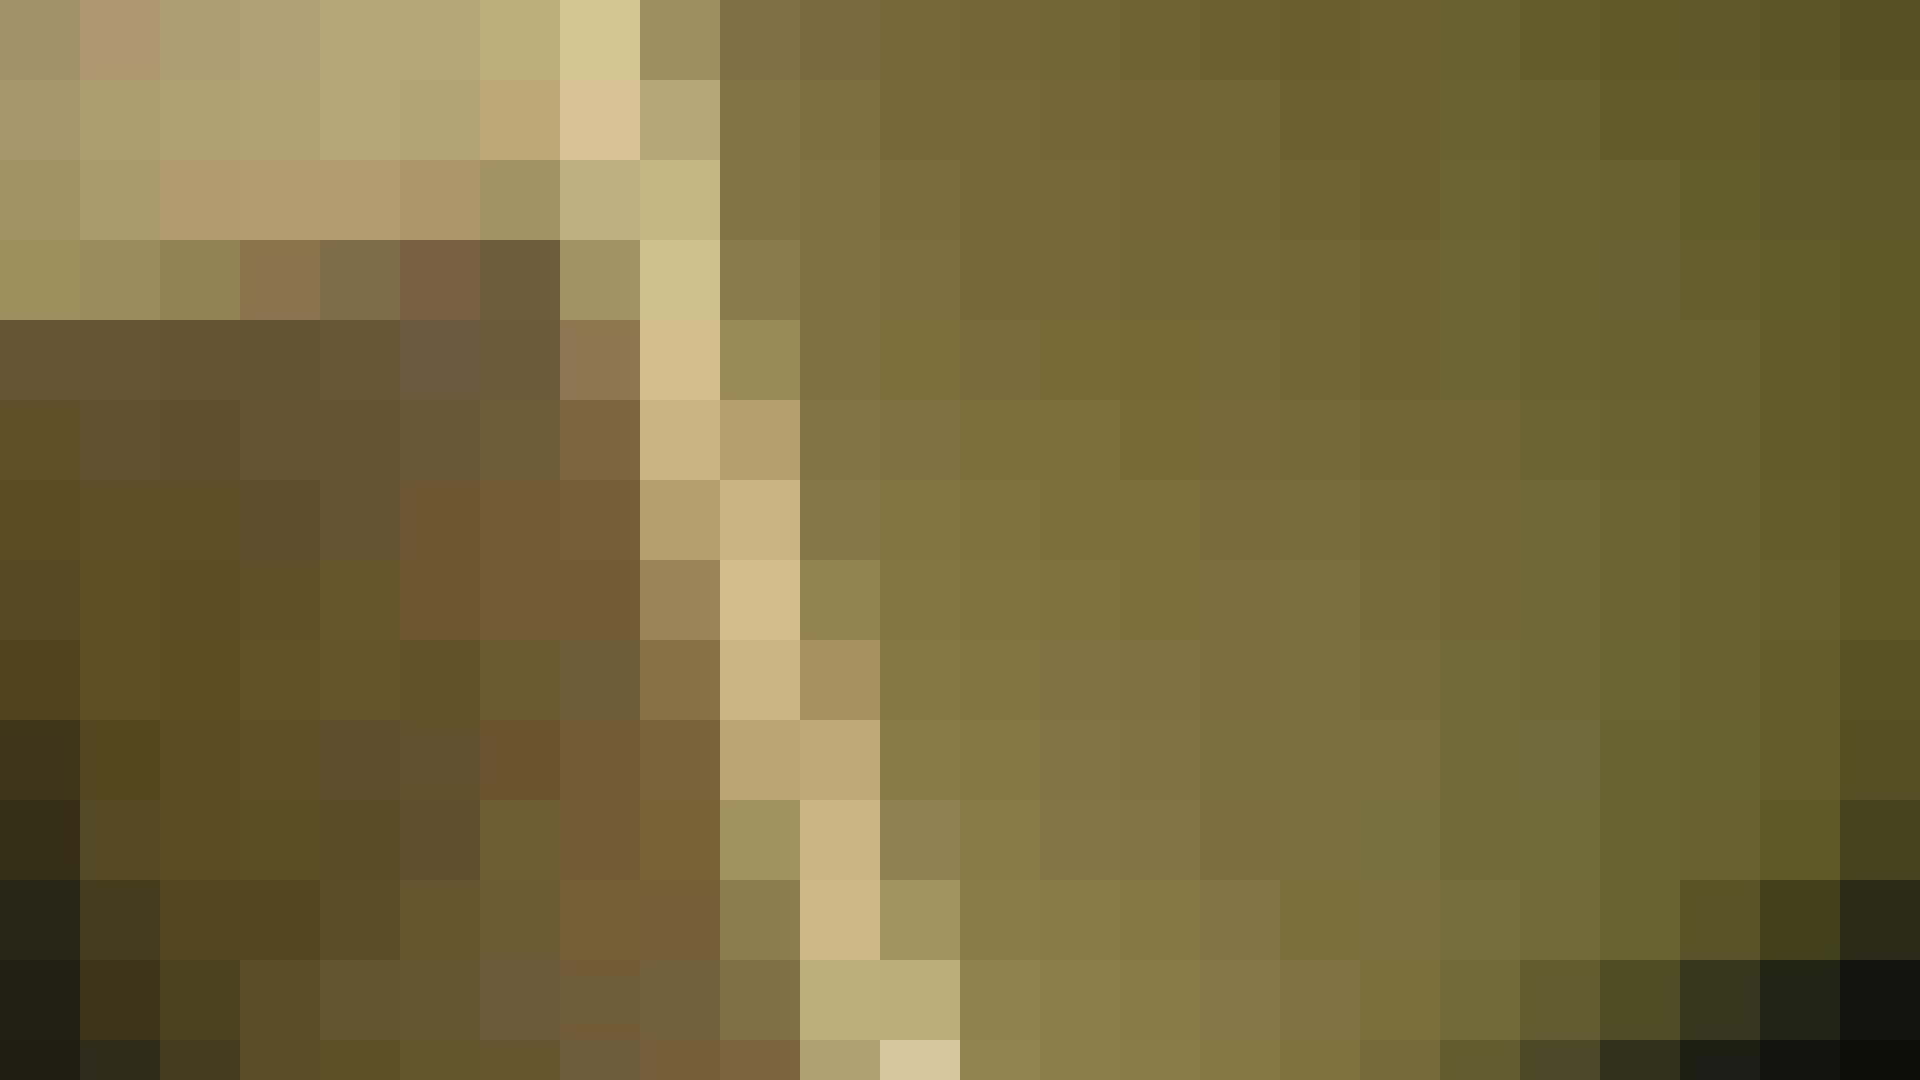 阿国ちゃんの「和式洋式七変化」No.18 iBO(フタコブ) 丸見え セックス無修正動画無料 105枚 80